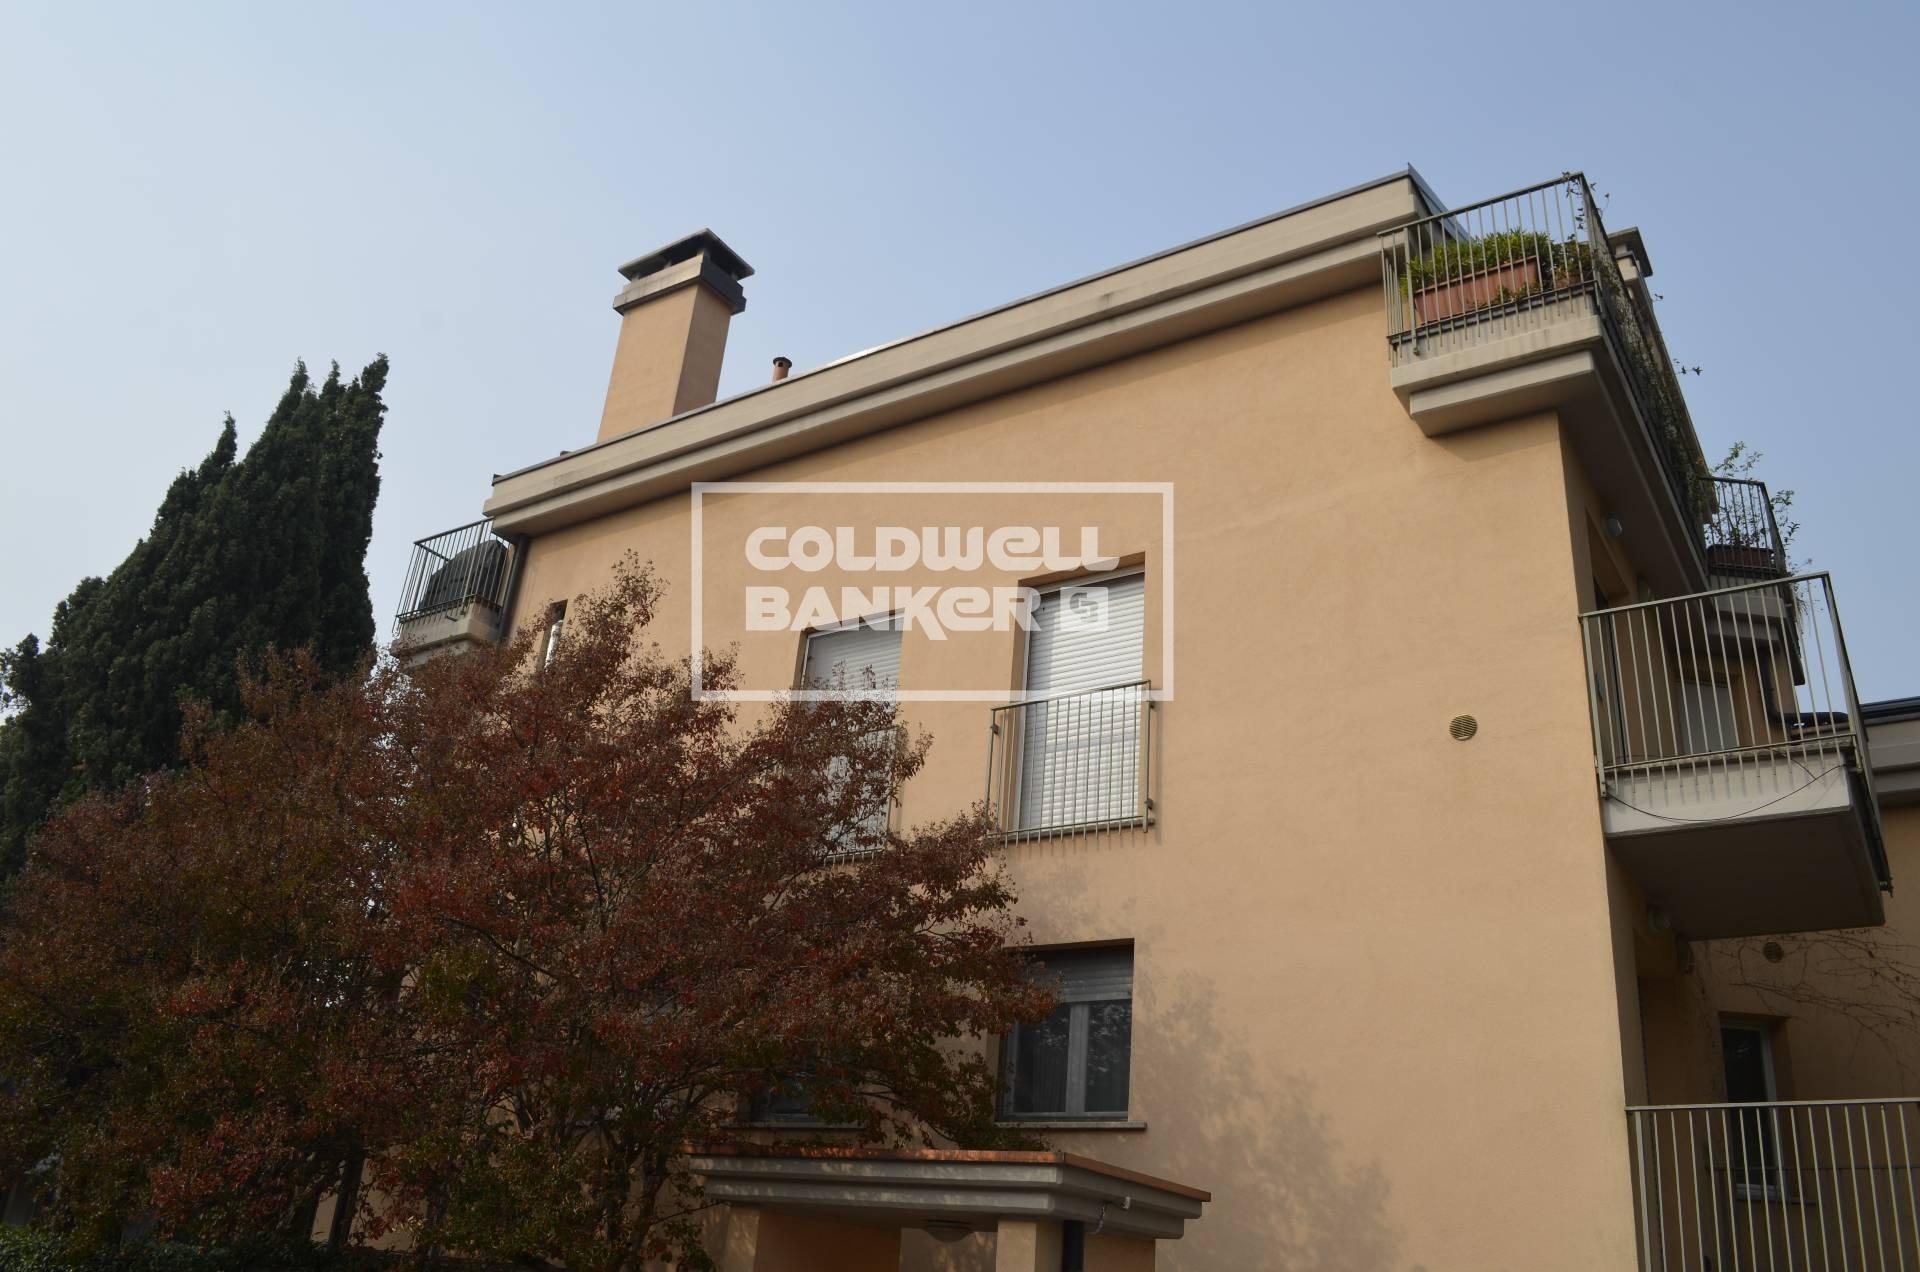 Appartamento in vendita a San Vittore Olona, 1 locali, prezzo € 60.000   CambioCasa.it